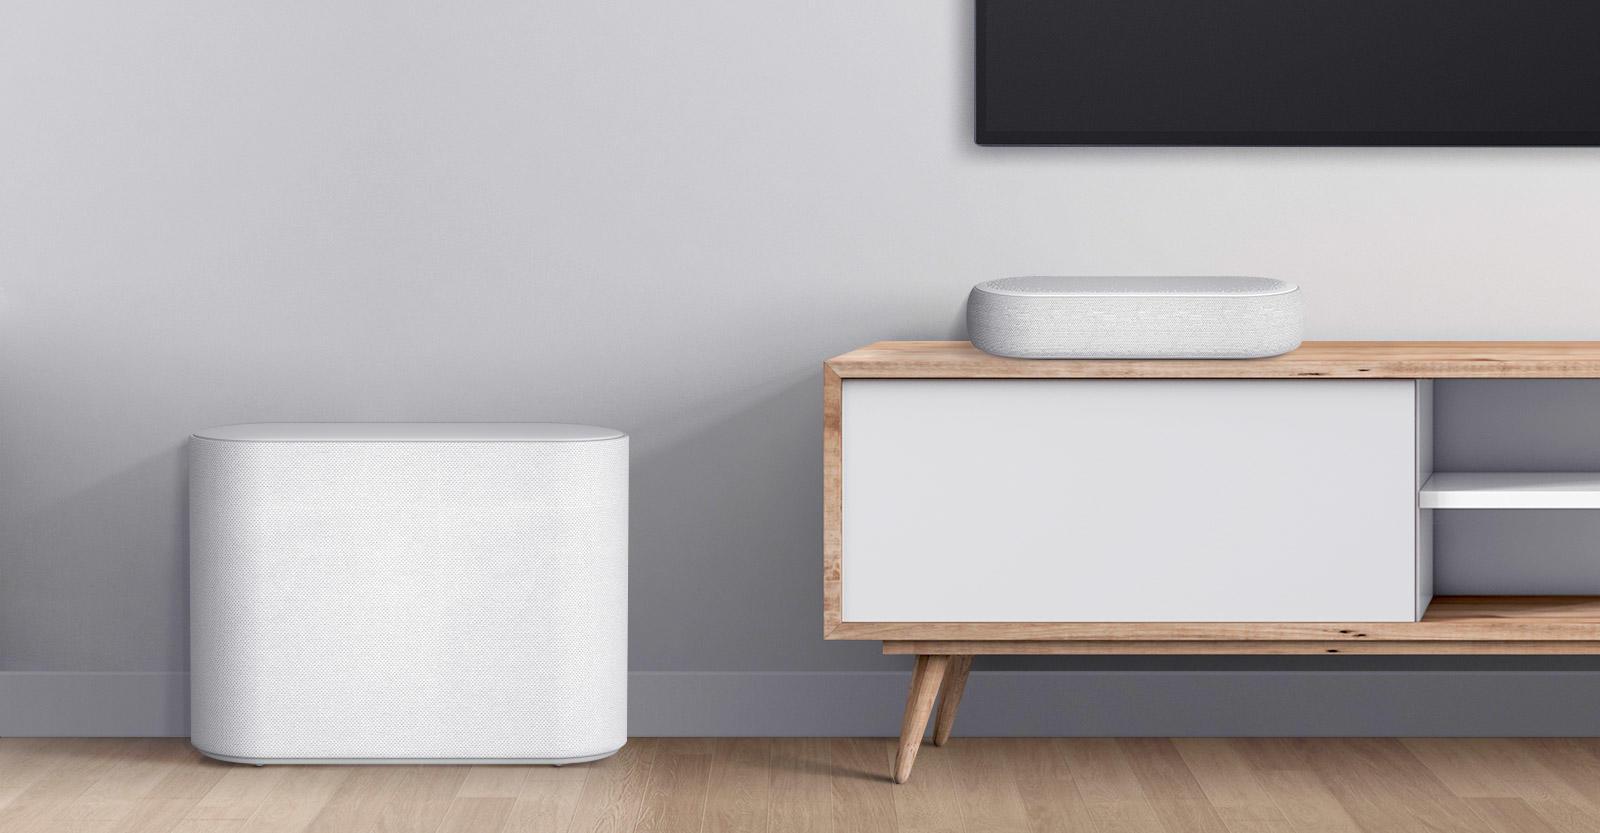 Ra mắt LG Éclair, soundbar lấy cảm hứng từ chiếc bánh ngọt